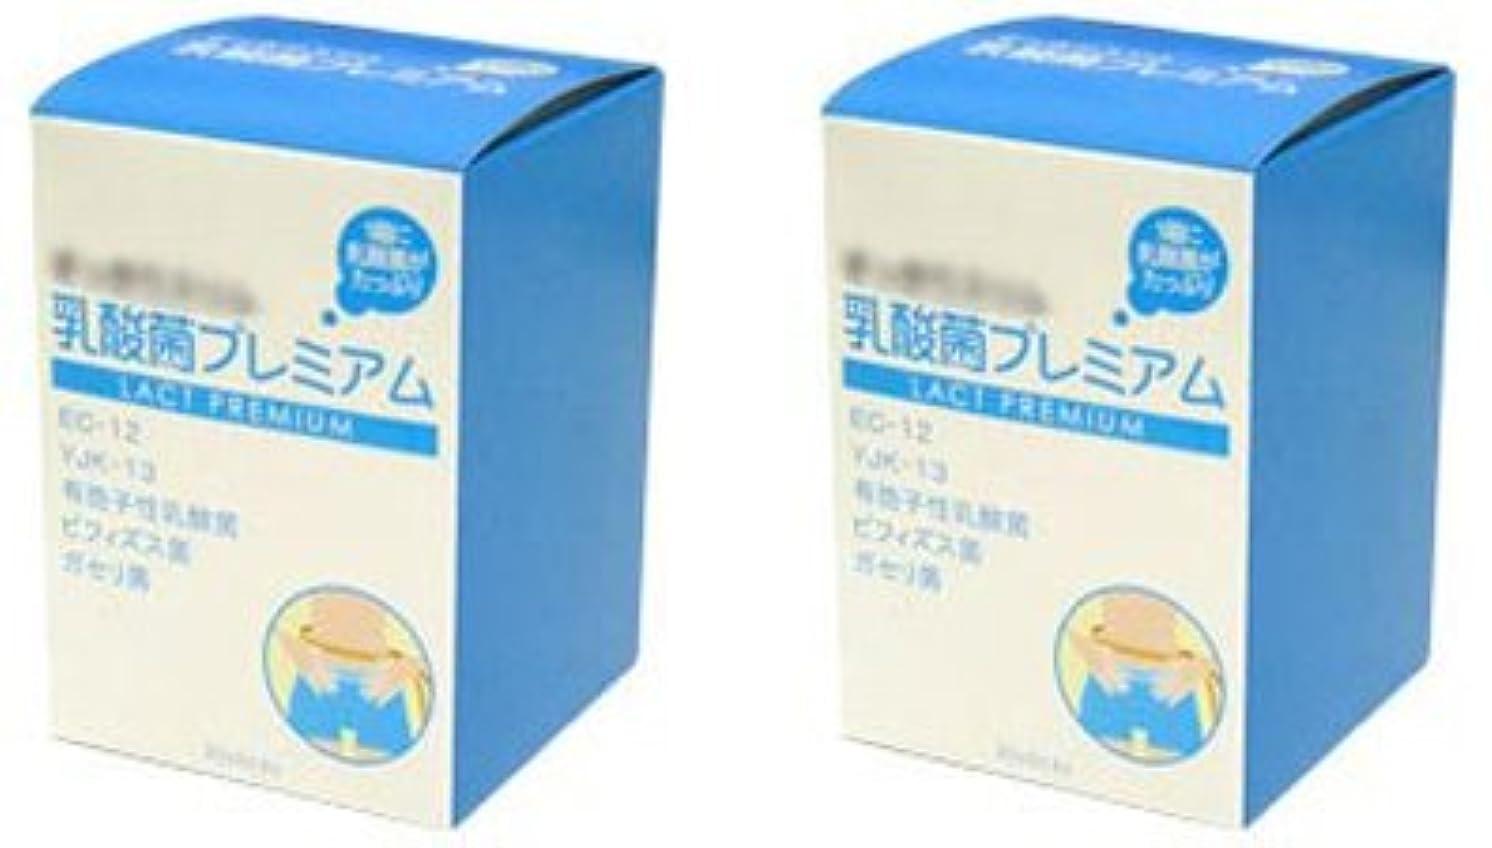 誰も取り壊すおいしい乳酸菌プレミアム 2個セット(乳酸菌ダイエットサプリ)